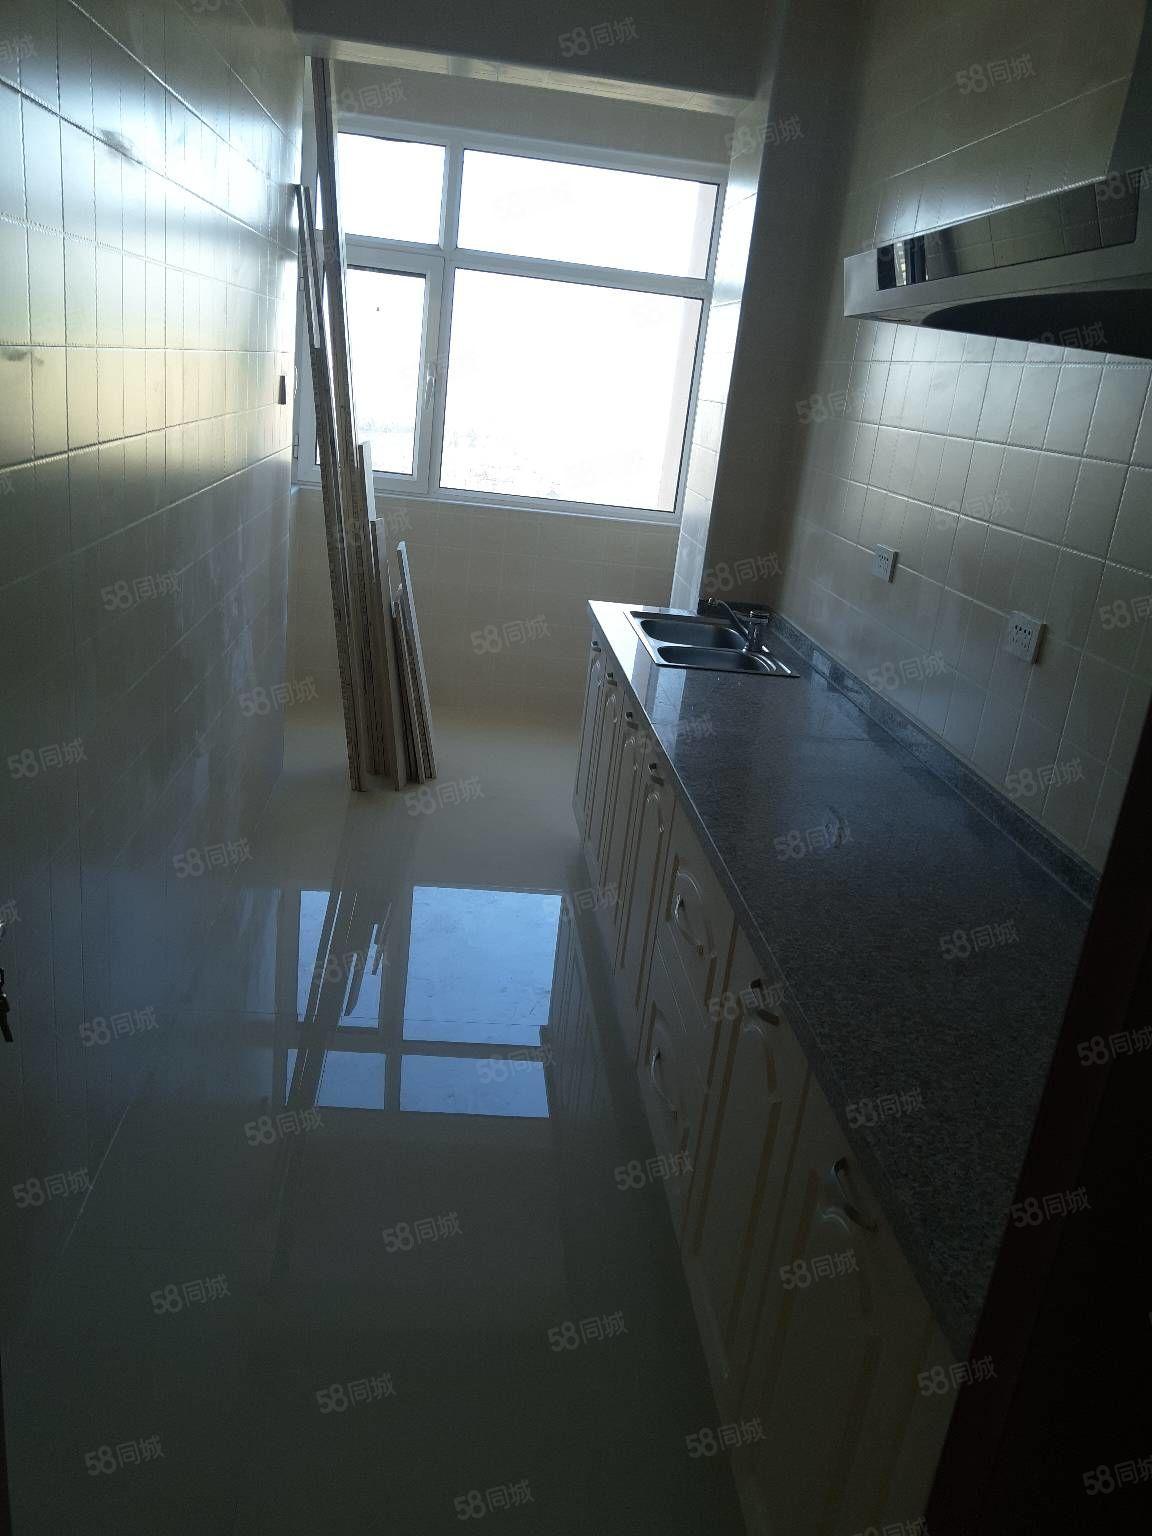 新建路大欣城附近三室一厅精装修有家具拎包入住好房快抢